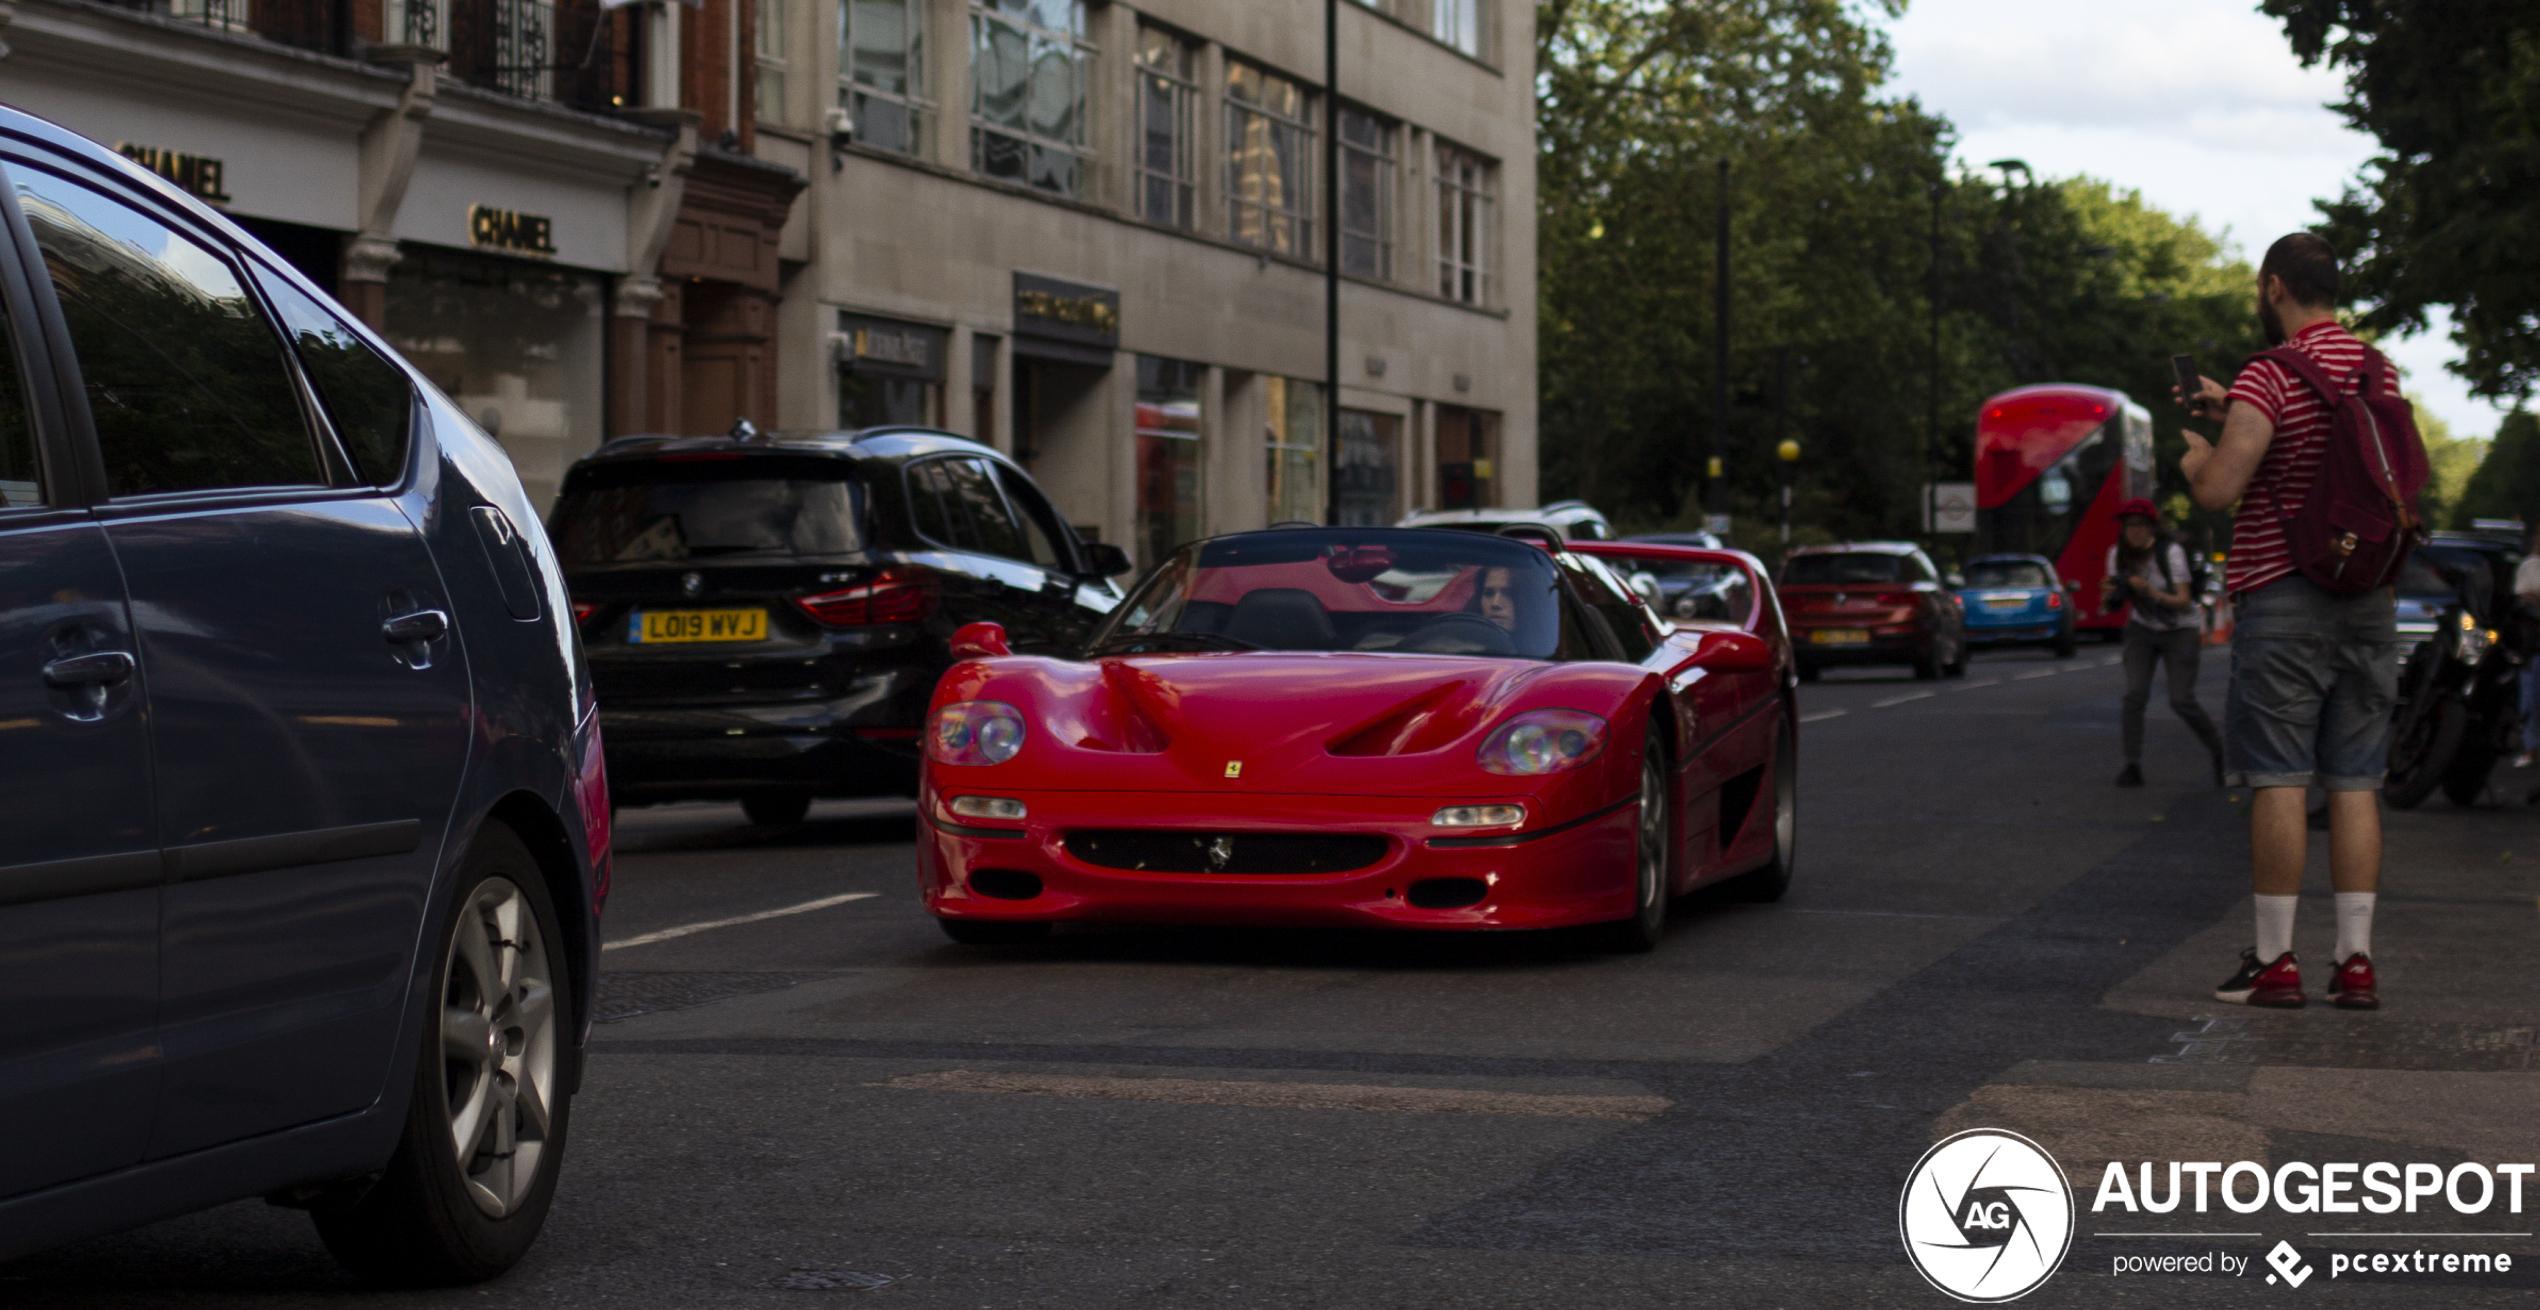 Ferrari F50 wordt bestuurd door vrouwelijk schoon